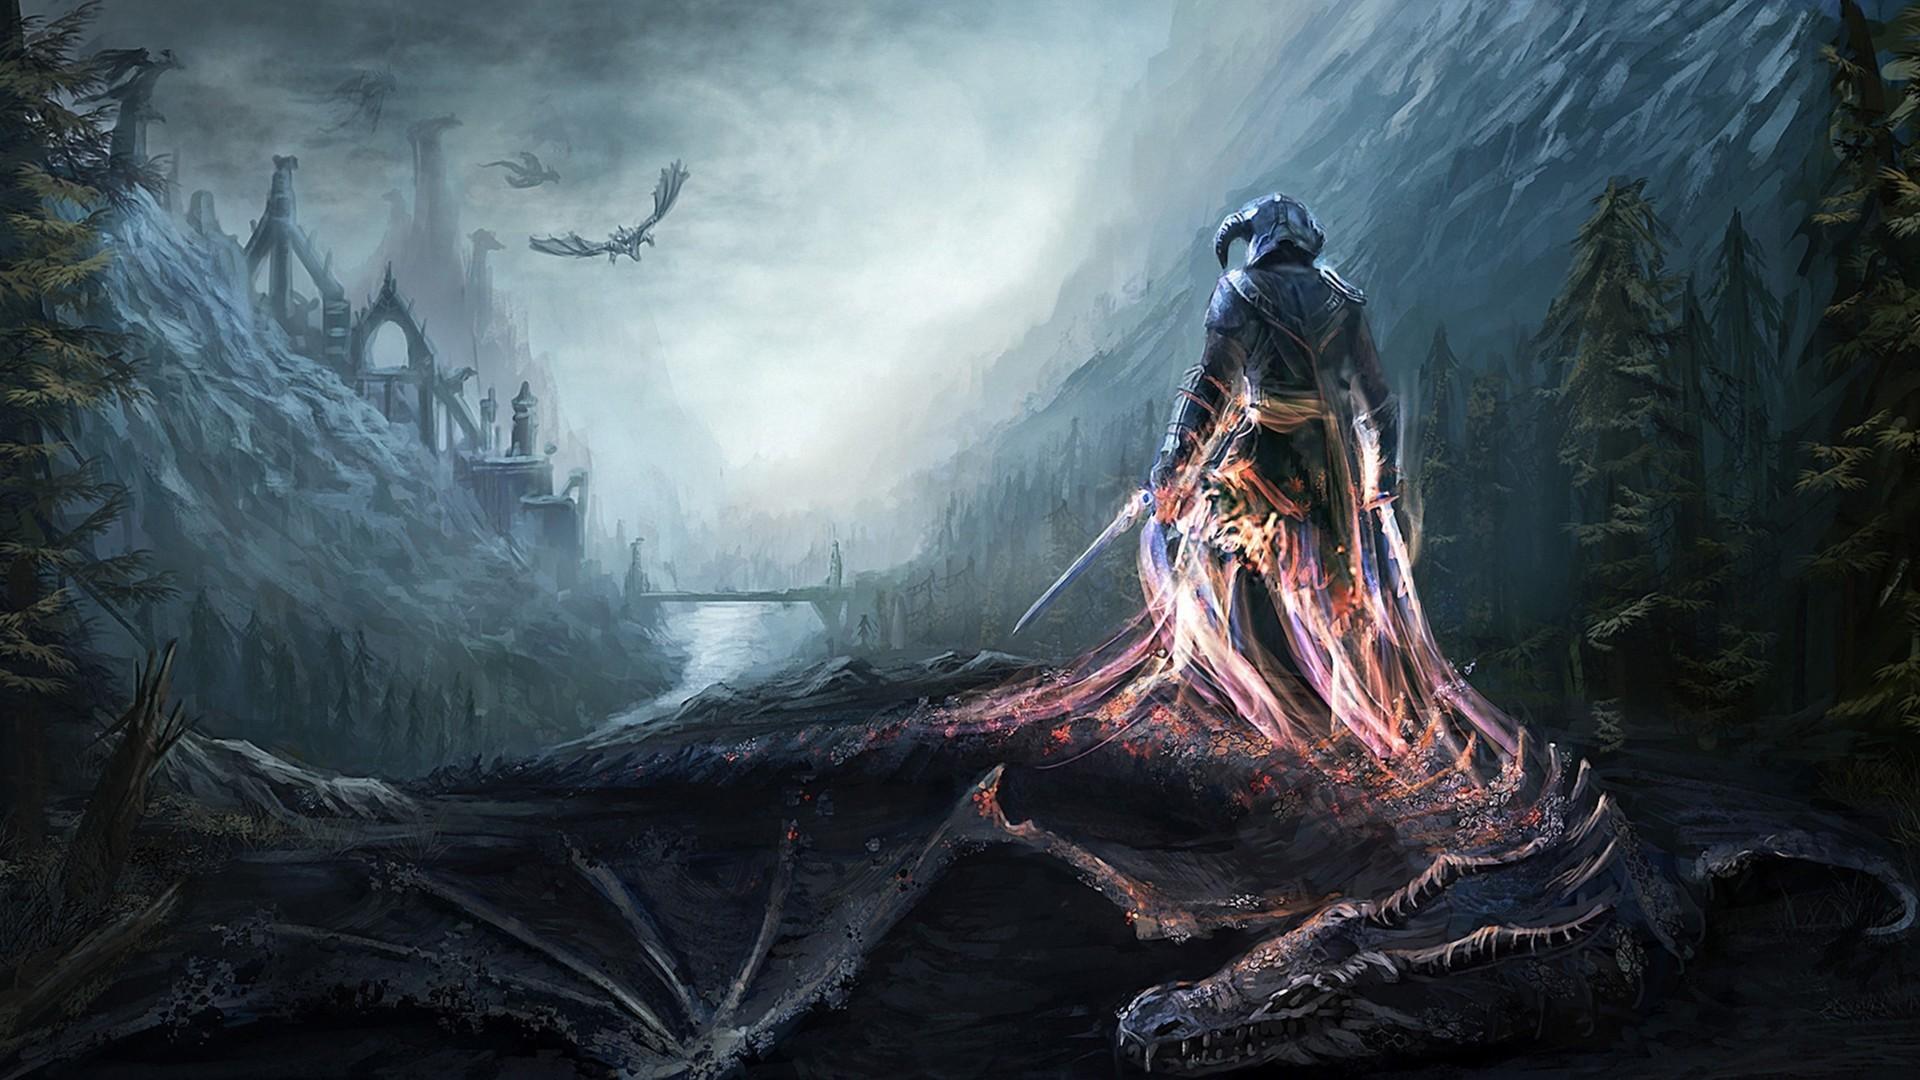 Skyrim Dragonborn Wallpaper